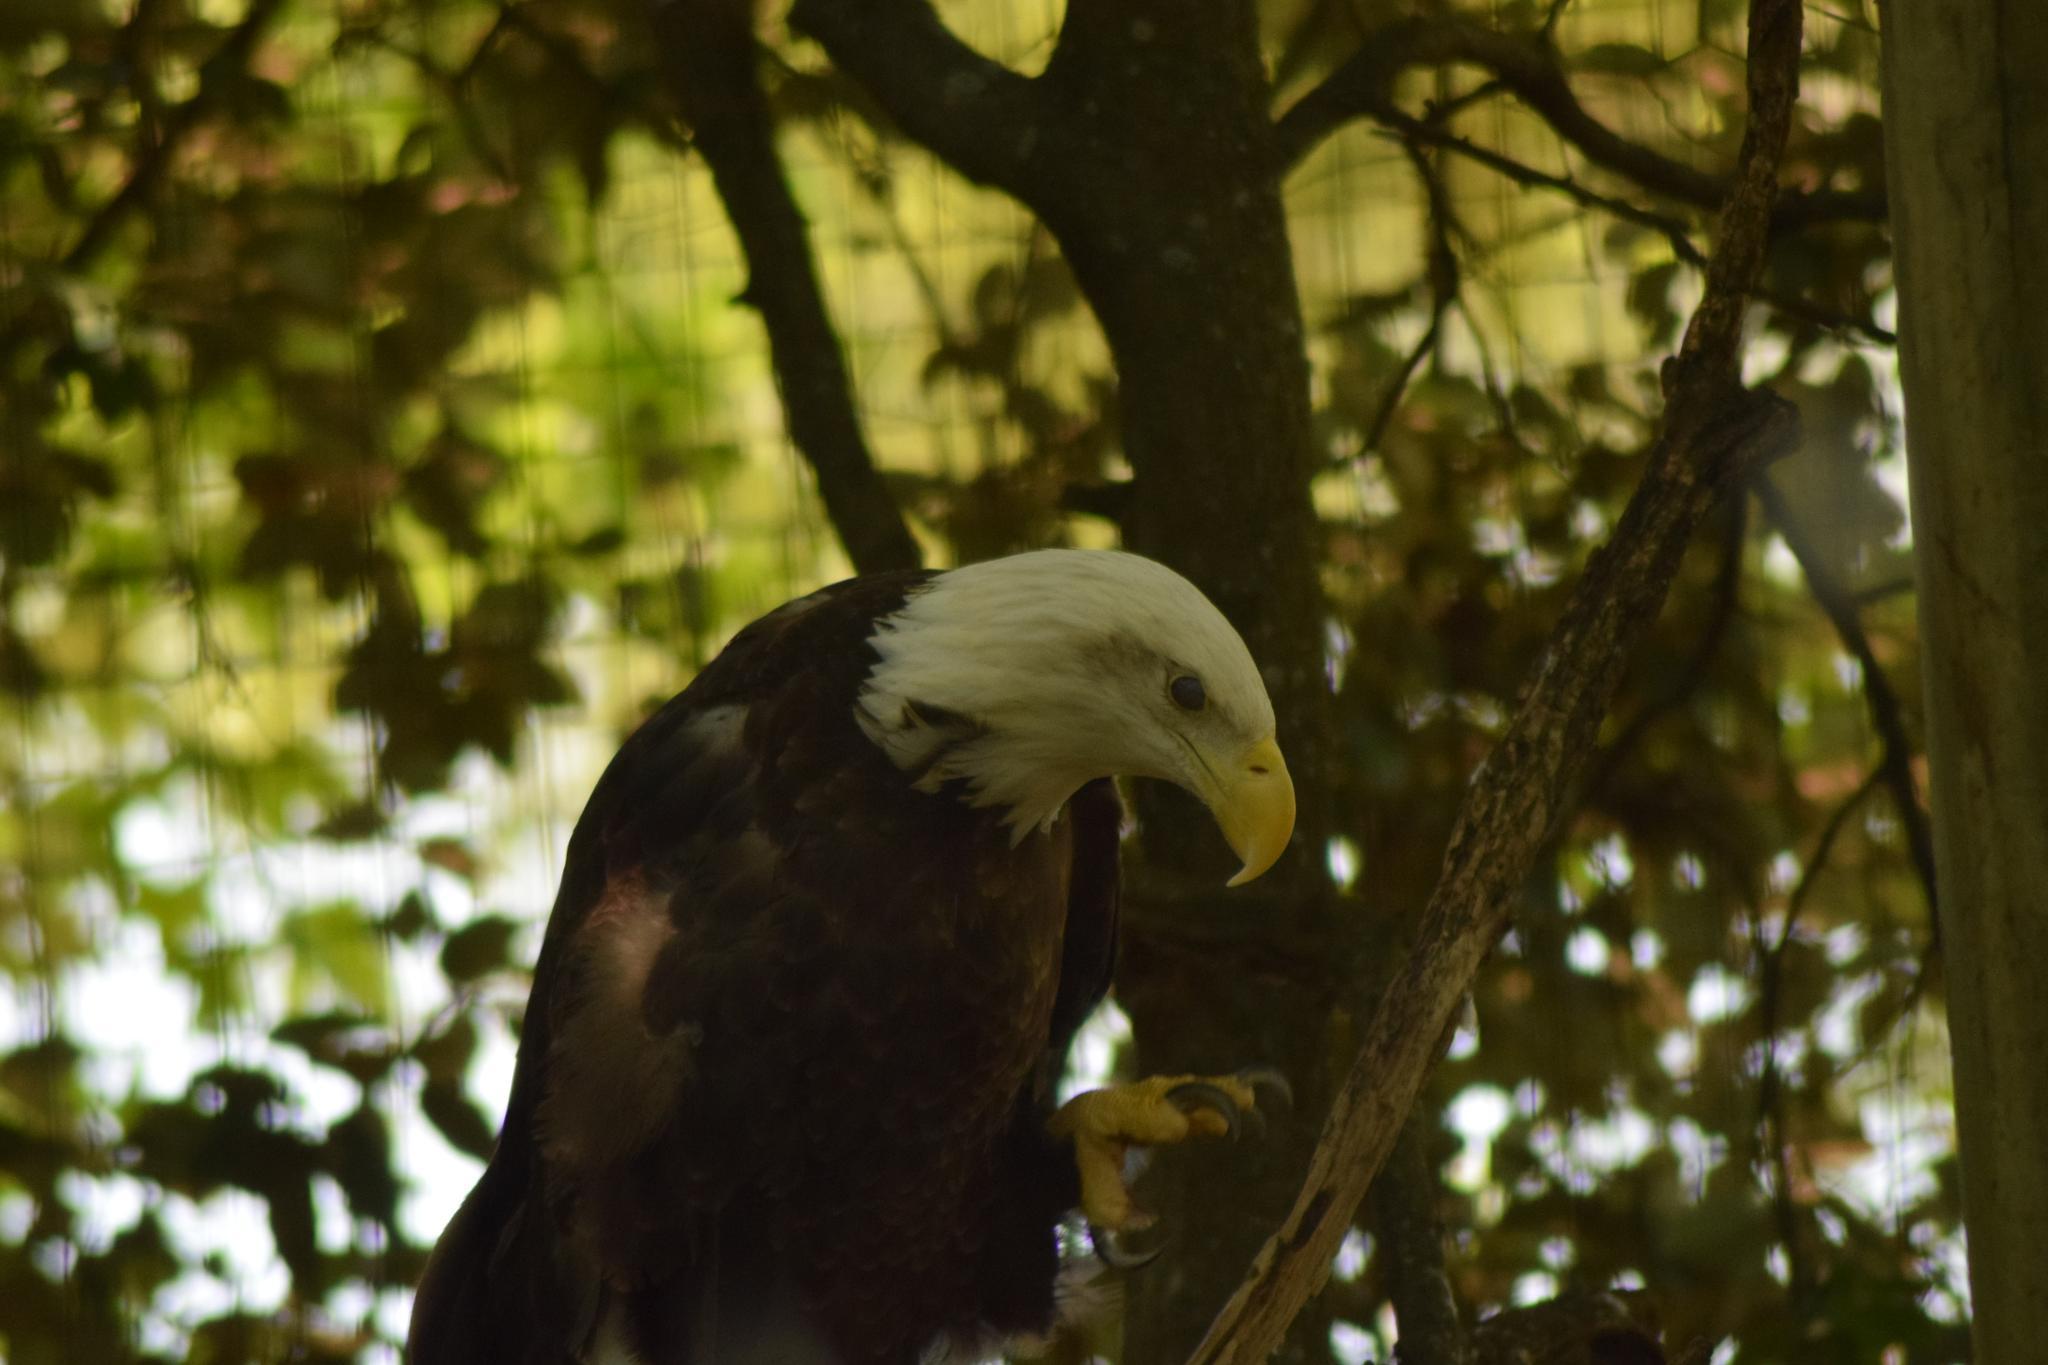 Bald Eagle by evelyn.vinson